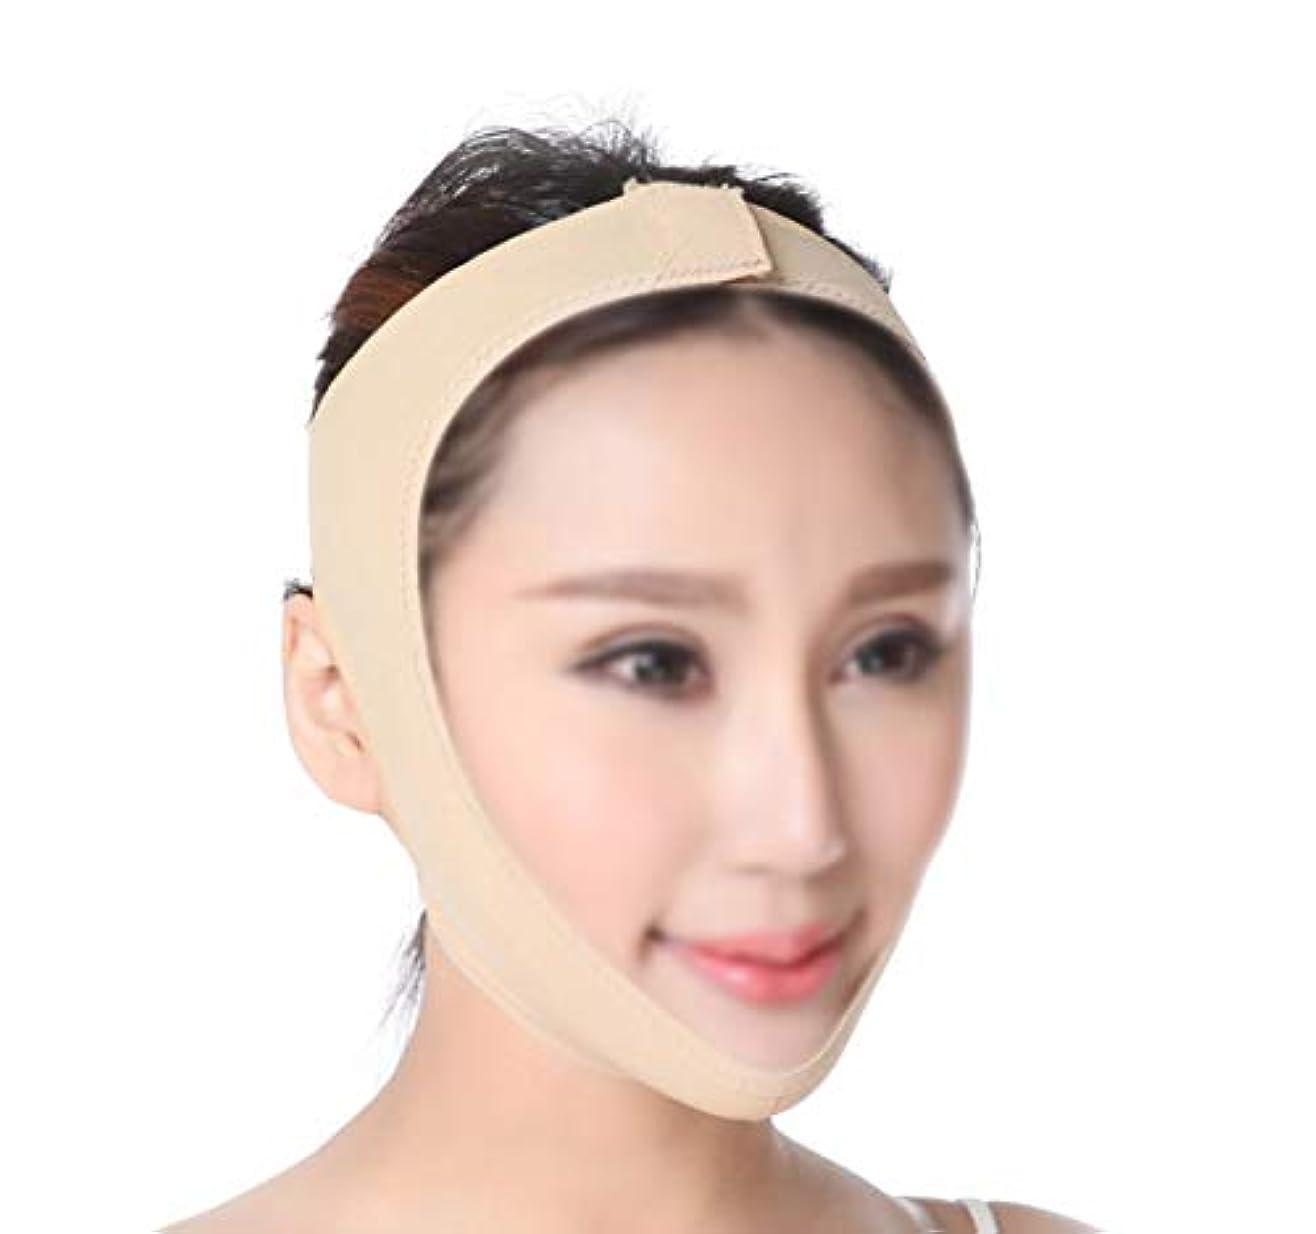 進行中理容室印象的なLJK フェイスリフティング包帯、Vフェイス楽器フェイスマスクアーティファクト引き締めマスク手動フェイシャルマッサージ通気性肌のトーン (Size : XL)